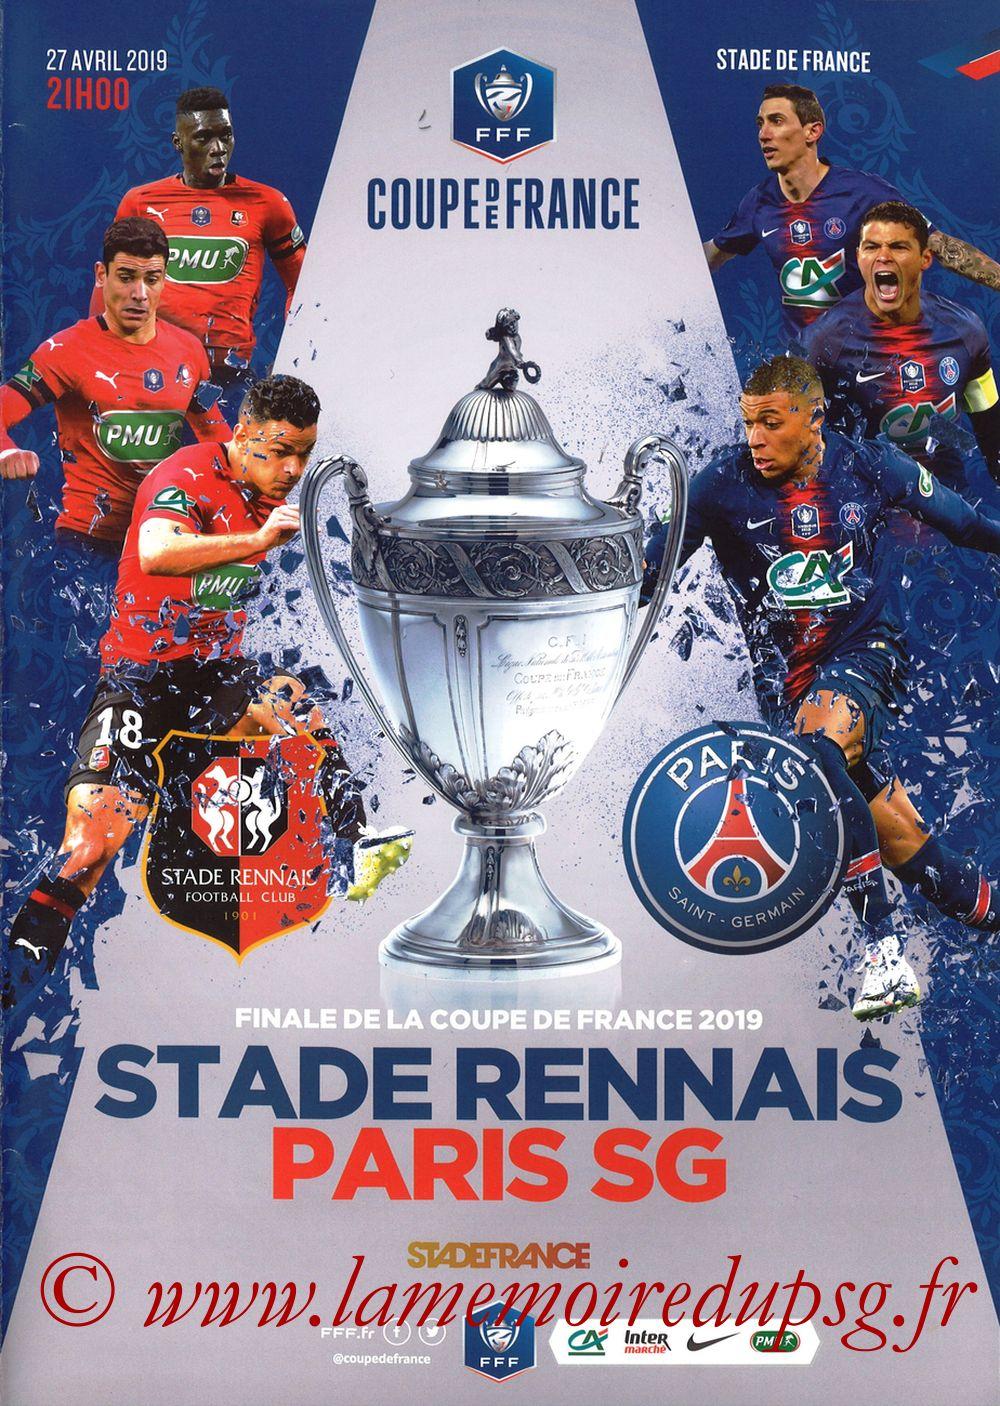 2019-04-27  Rennes-PSG (Finale CF au Stade de France, Programme officiel FFF)